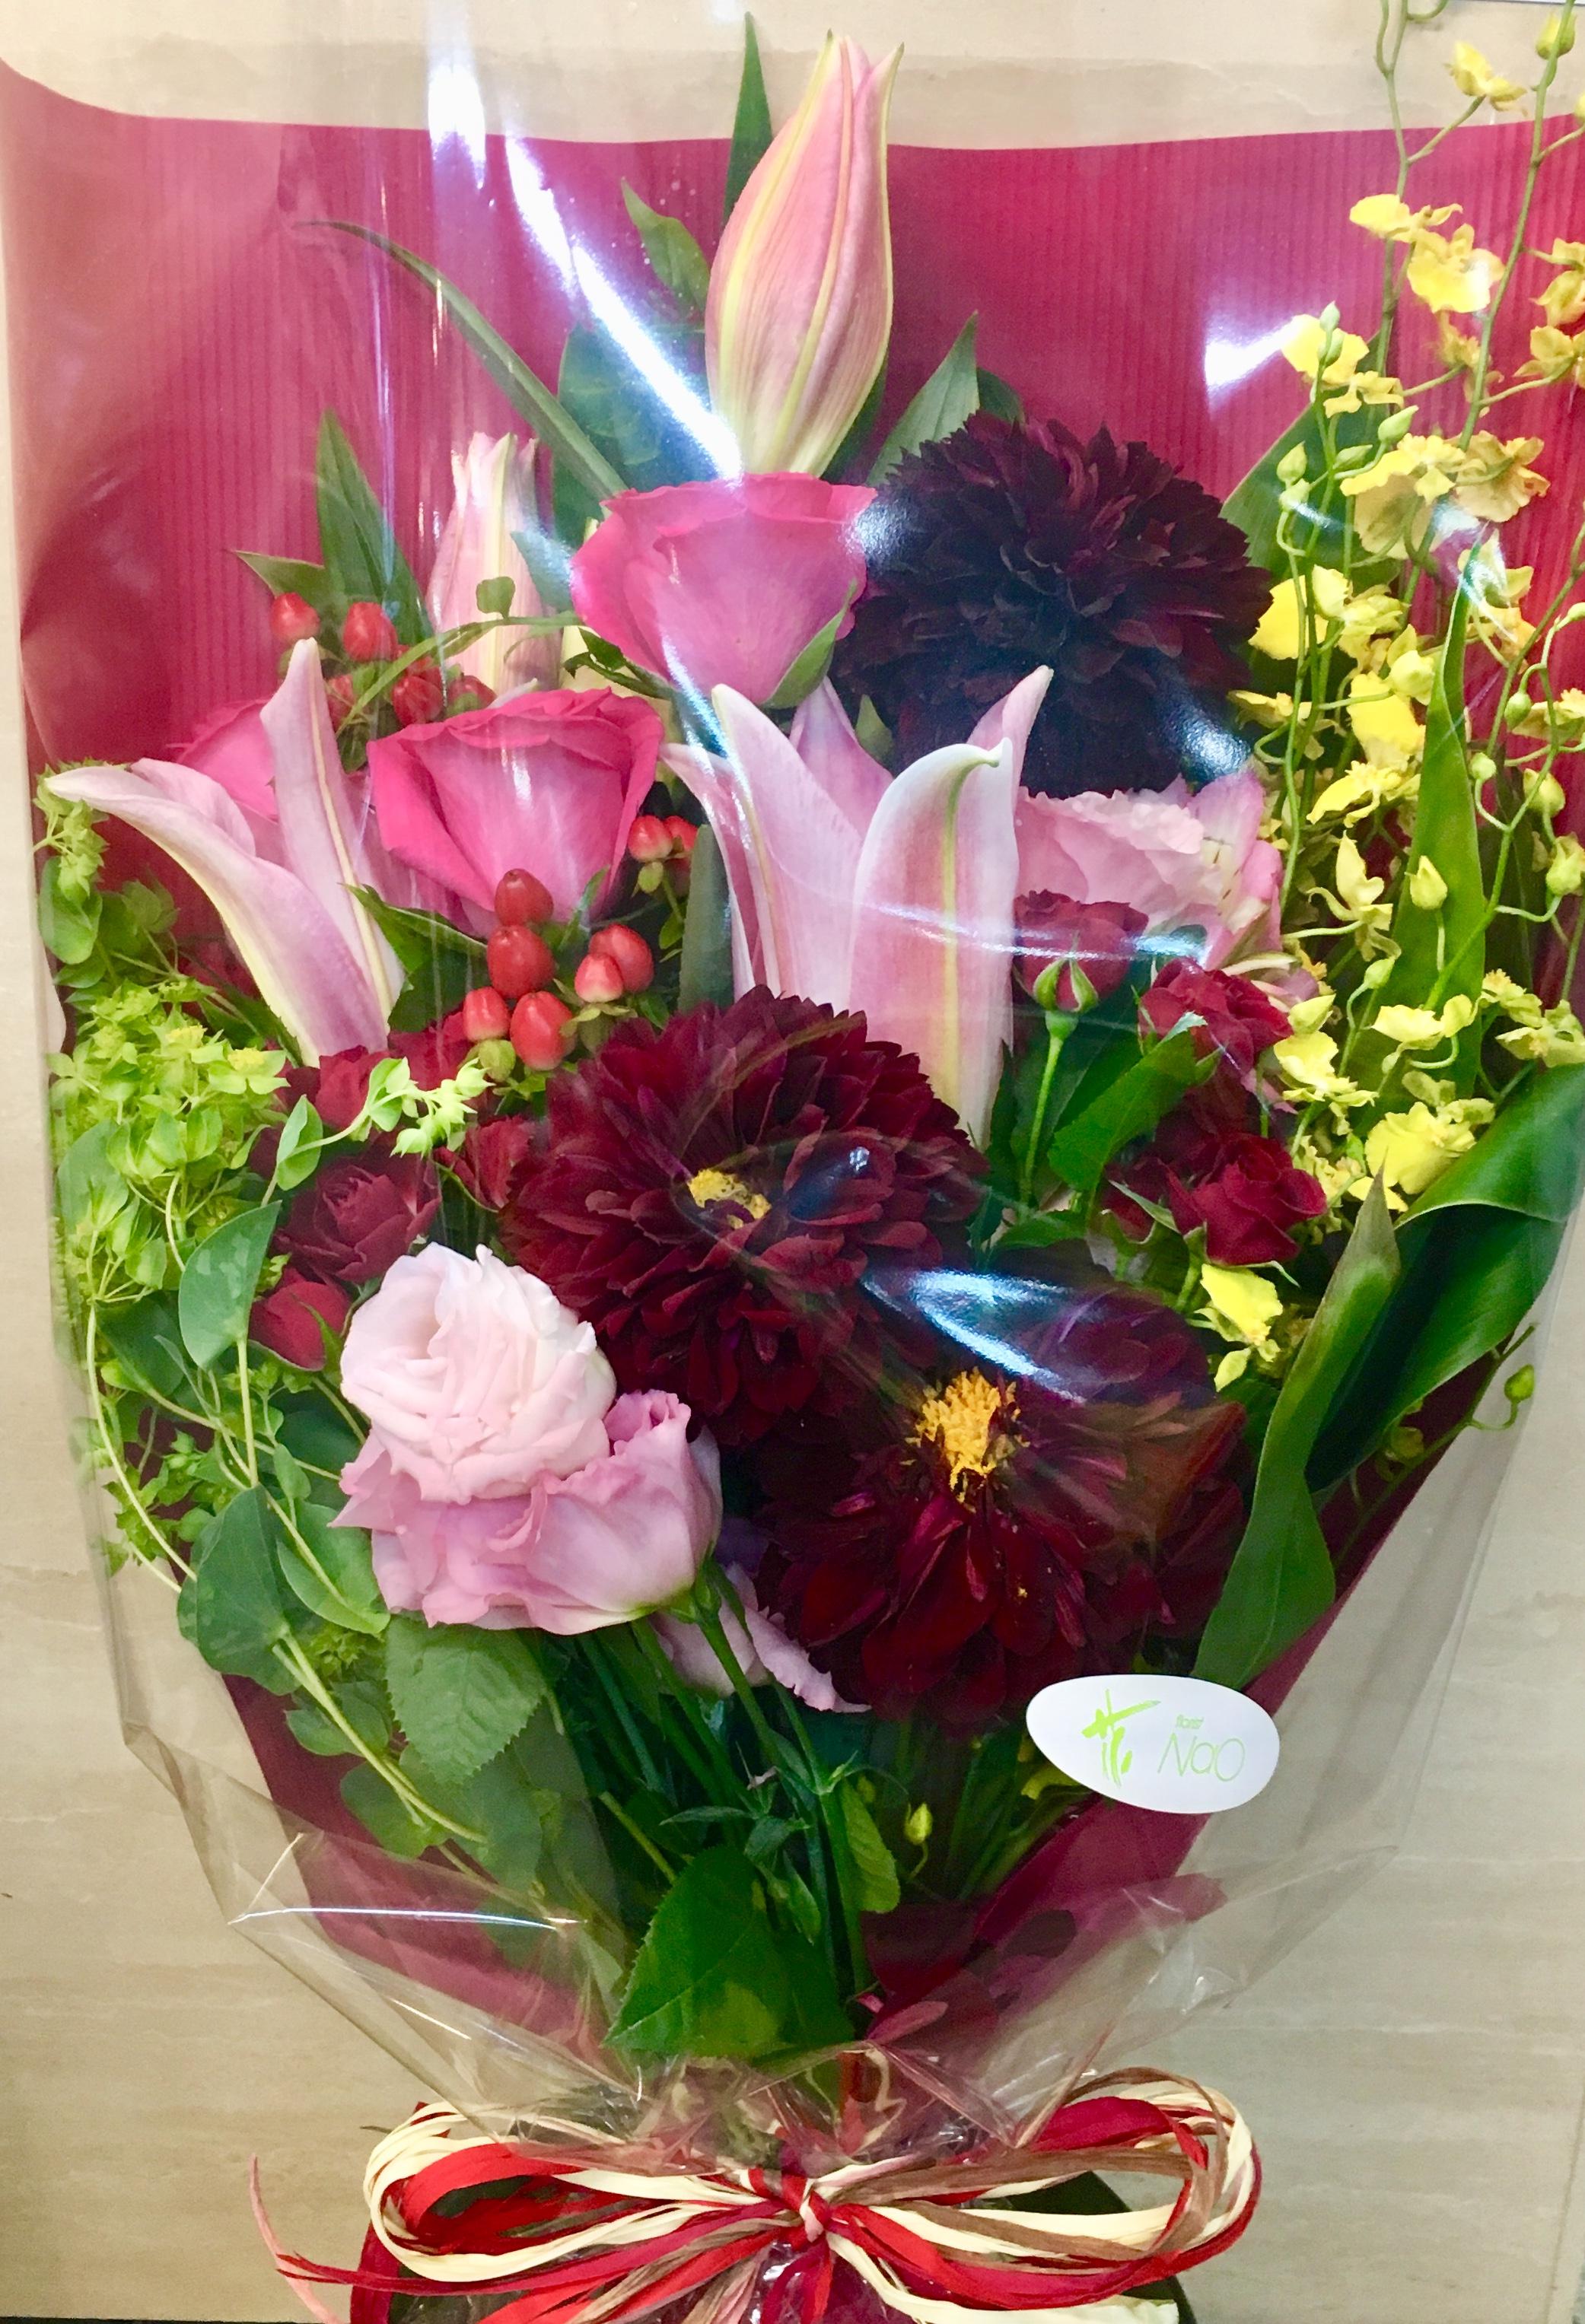 【ナオ花屋の納品事例34】横浜市関内の法人企業様へ花束を配達しました!